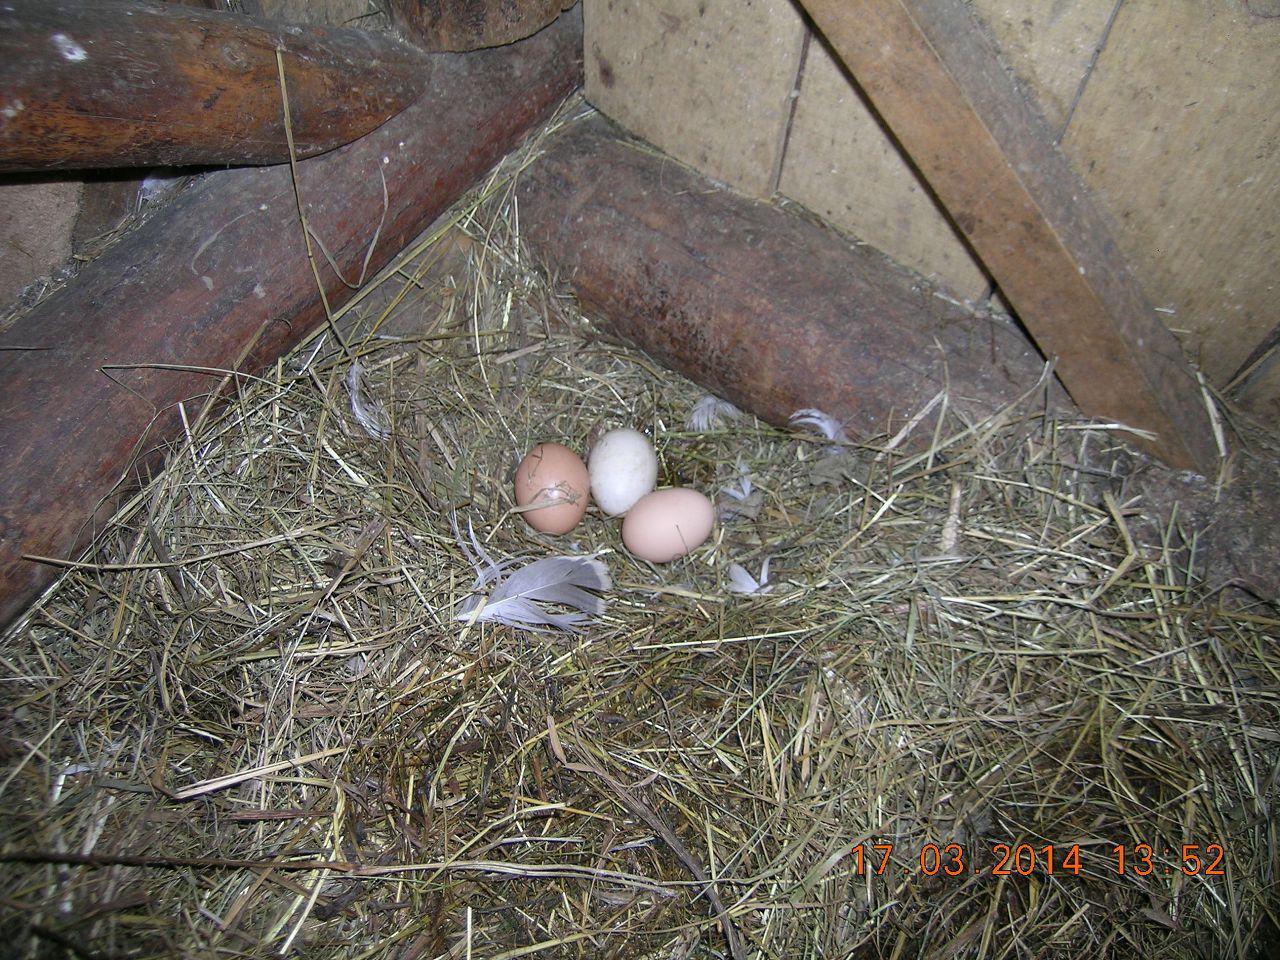 Яичная кладка в гнезде